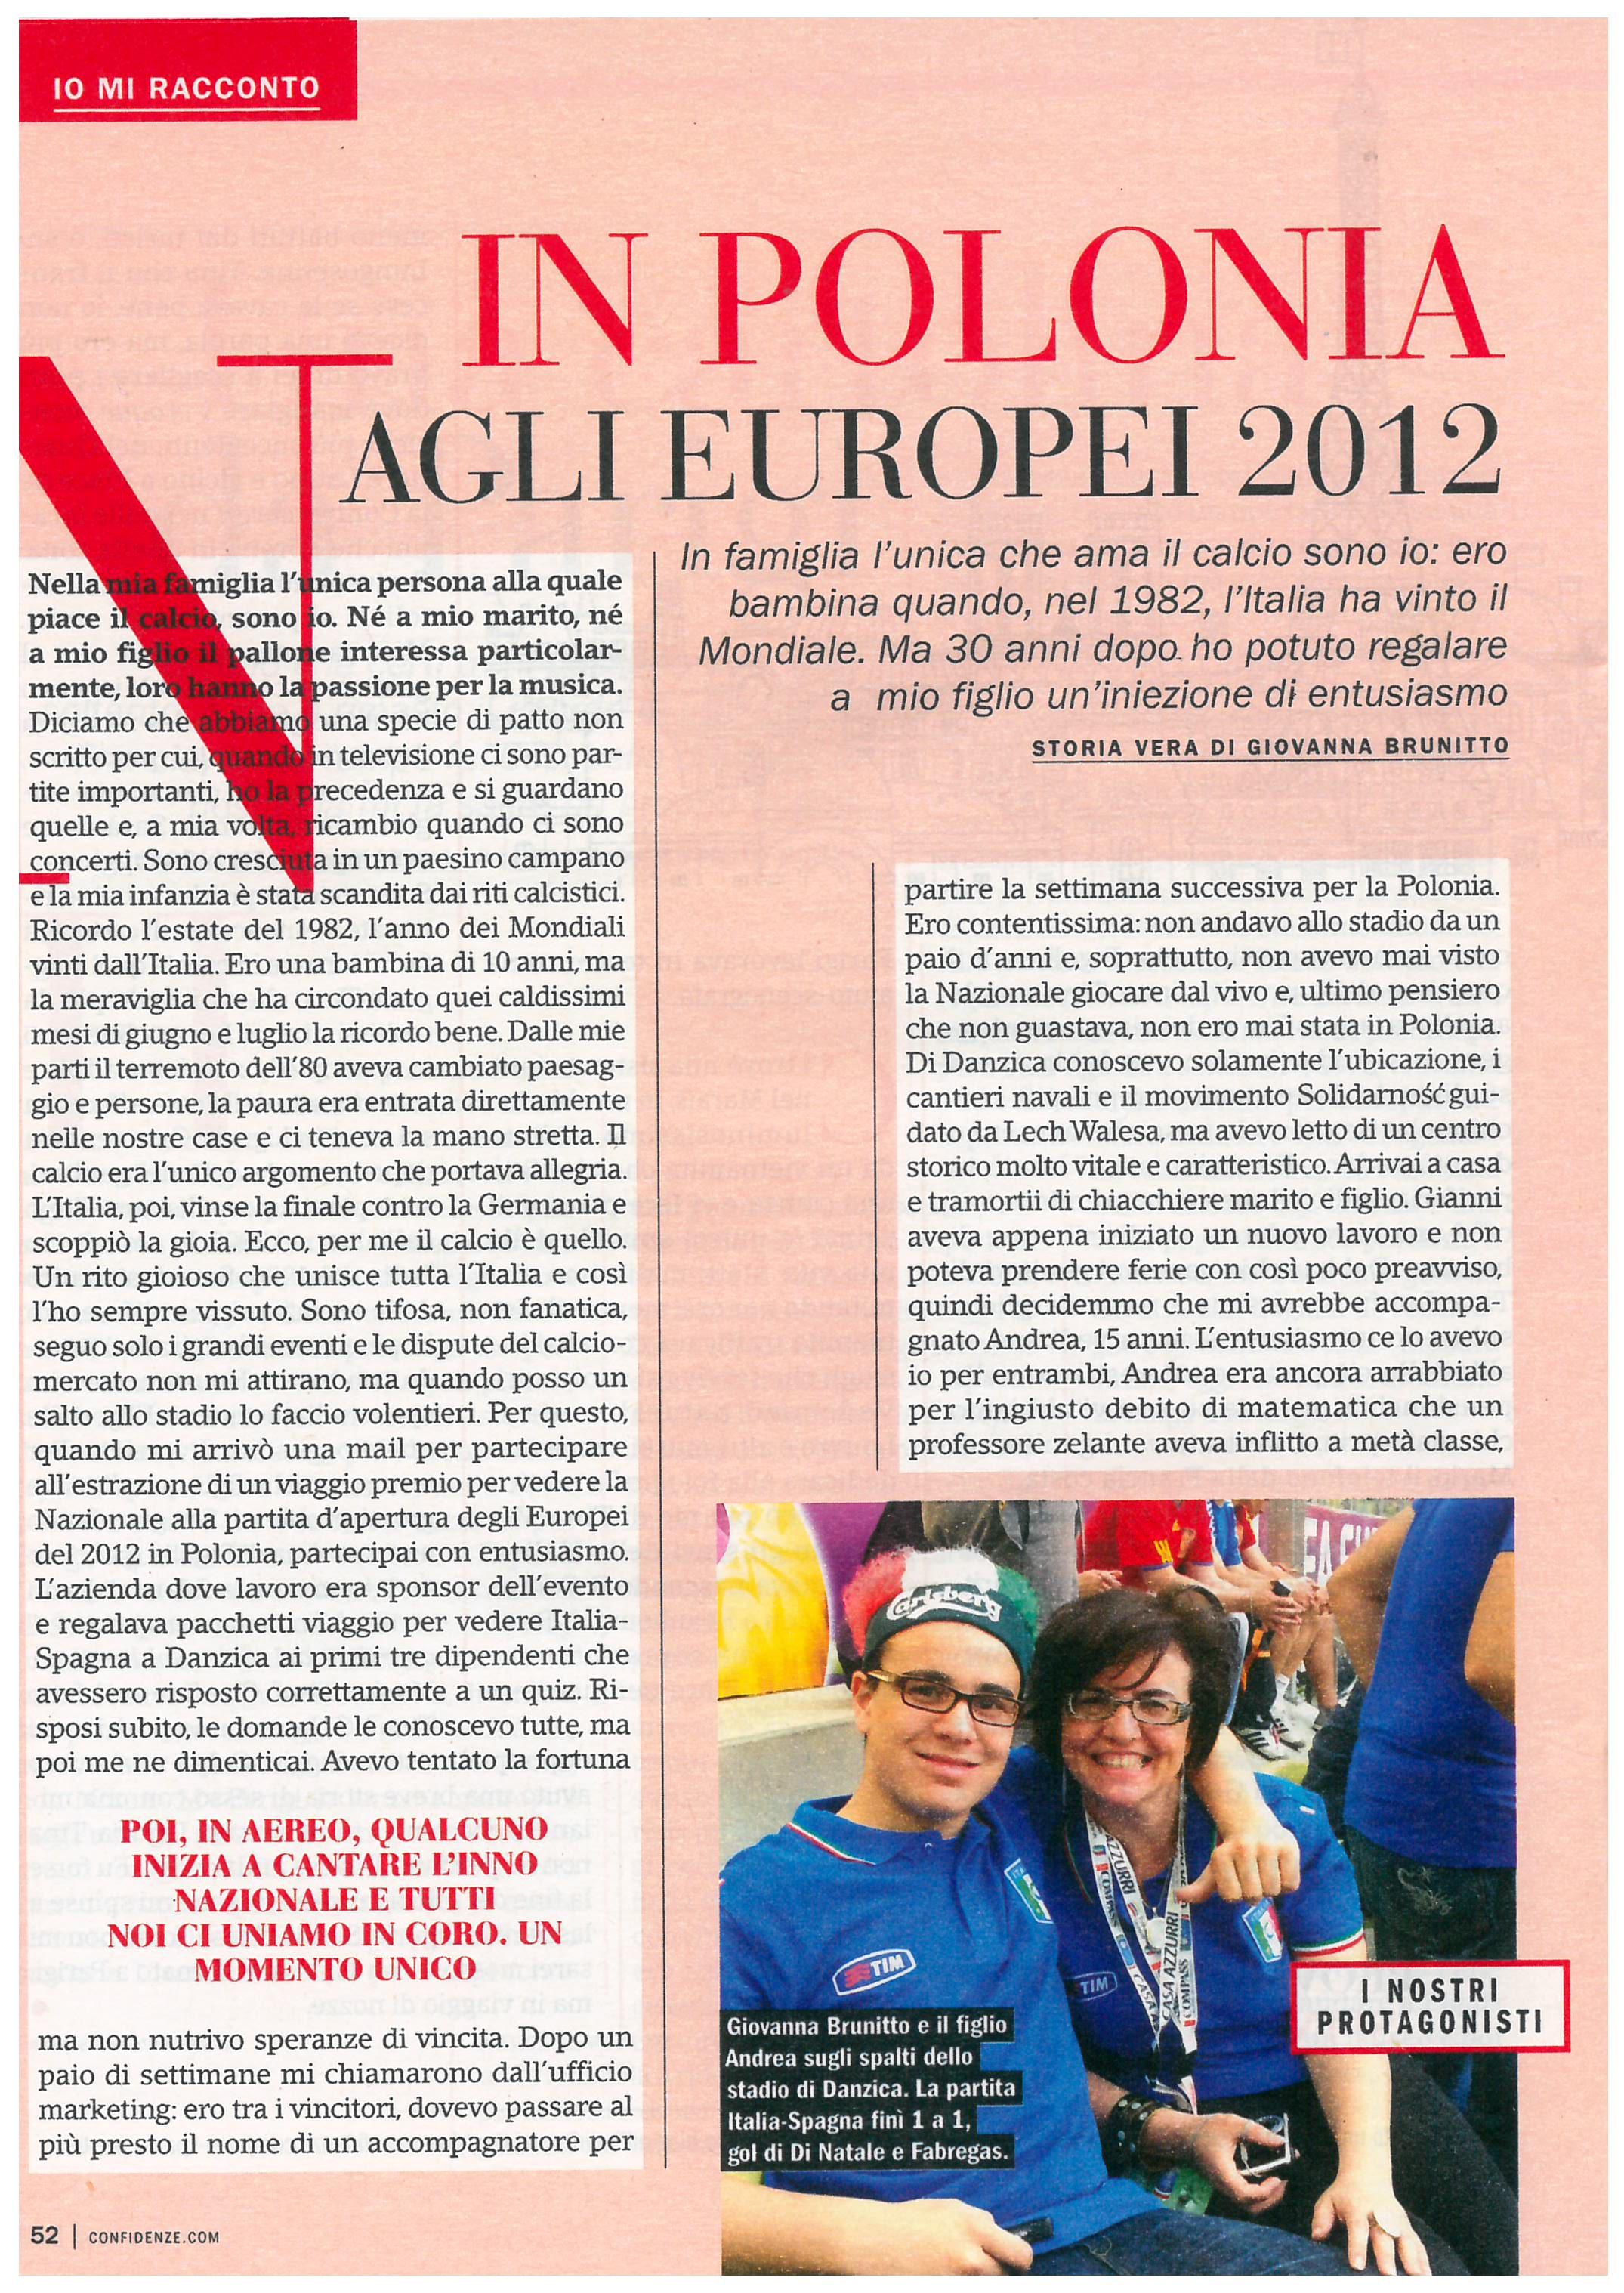 Storia di Giovanna - Viaggio in Polonia -Europei 2012 Agosto 2018_Pagina_1